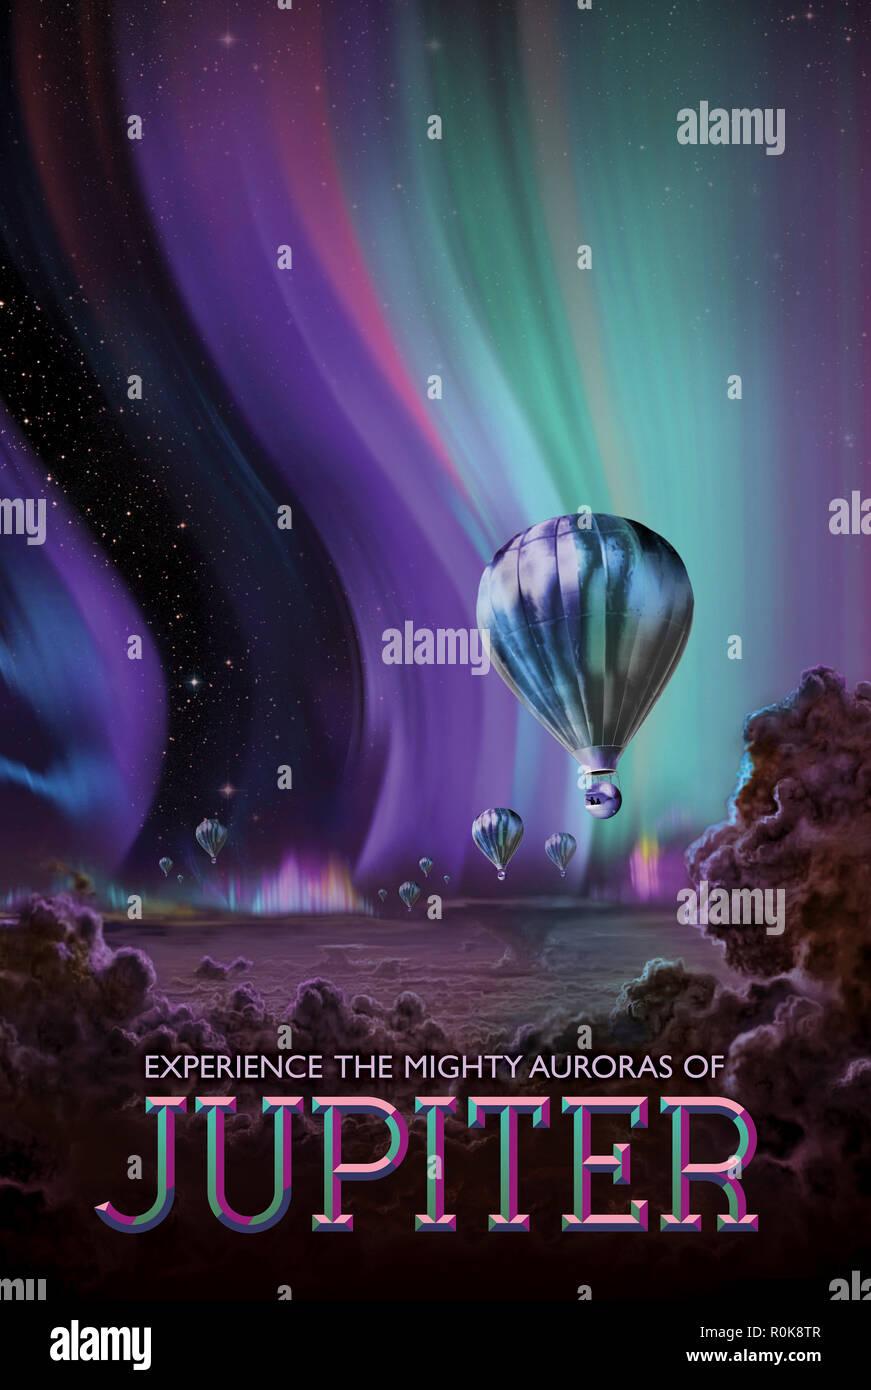 Retro Space Travel Poster des glühenden Polarlichter auf dem Planeten Jupiter. Stockfoto